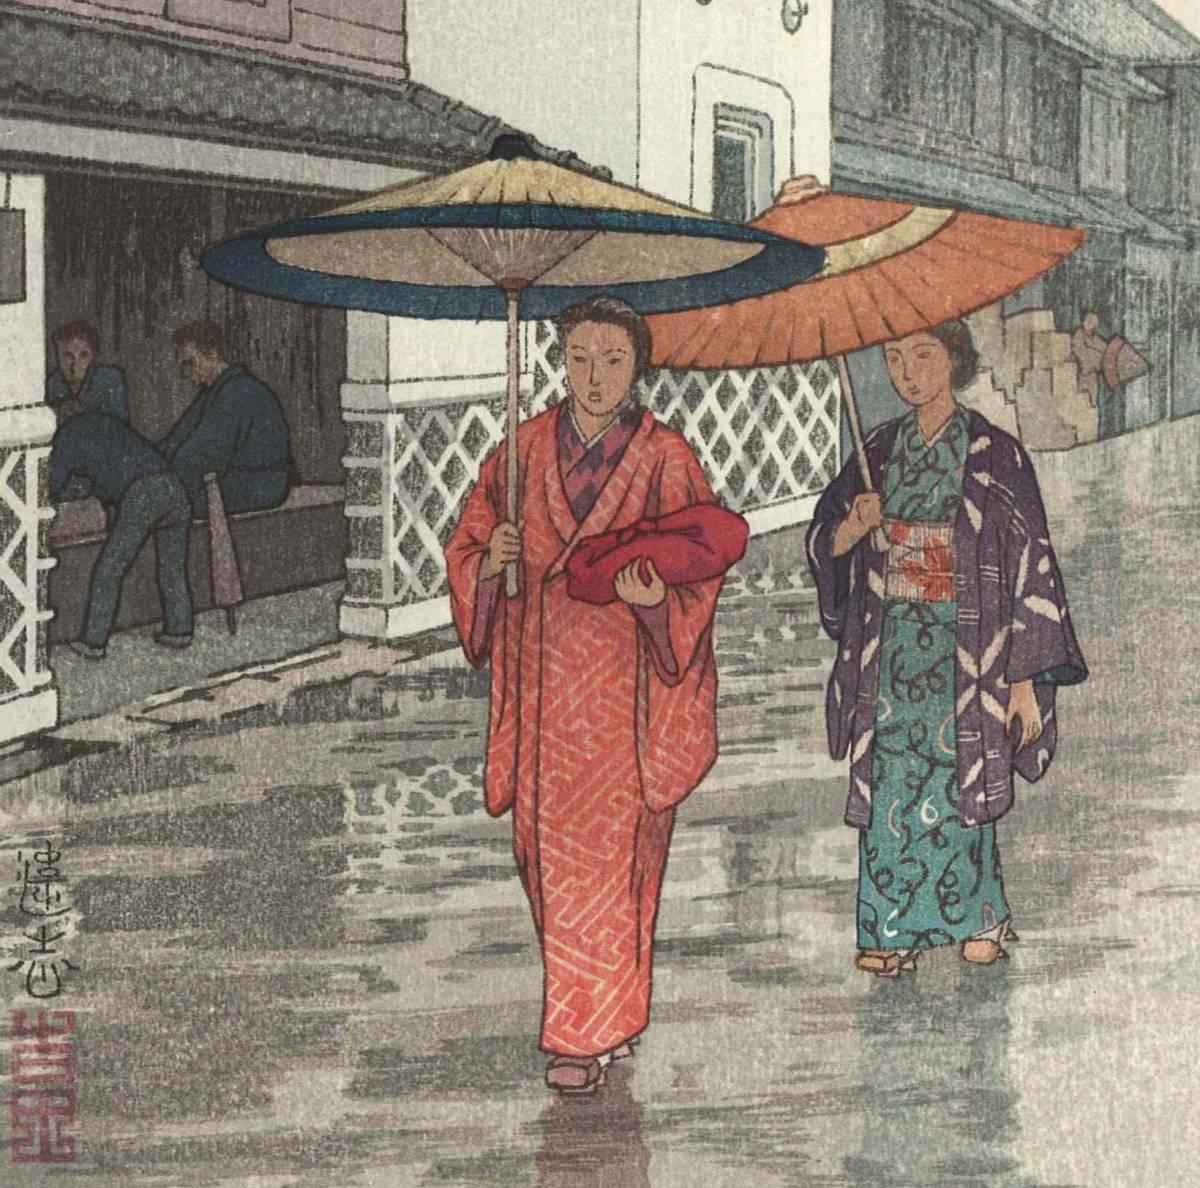 吉田遠志 木版画 014002 雨傘 (Umbrella) 初摺1940年  最高峰の摺師の技をご堪能下さい!!_画像8